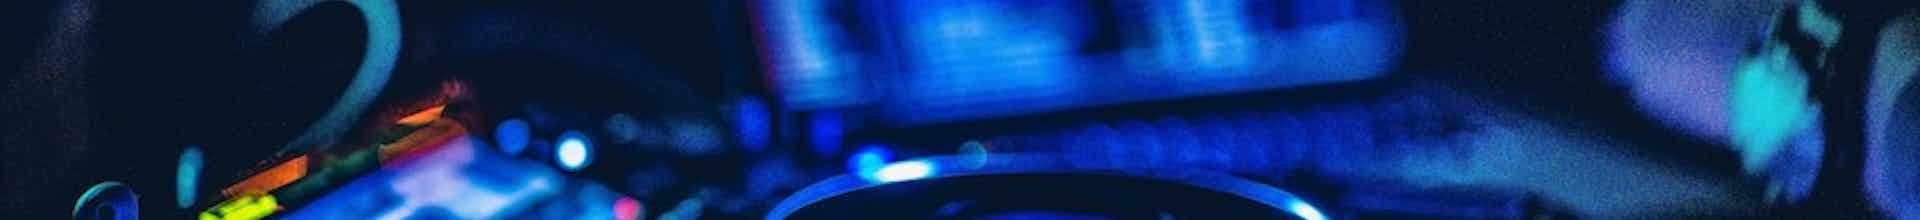 Silent disco boeken.jpg